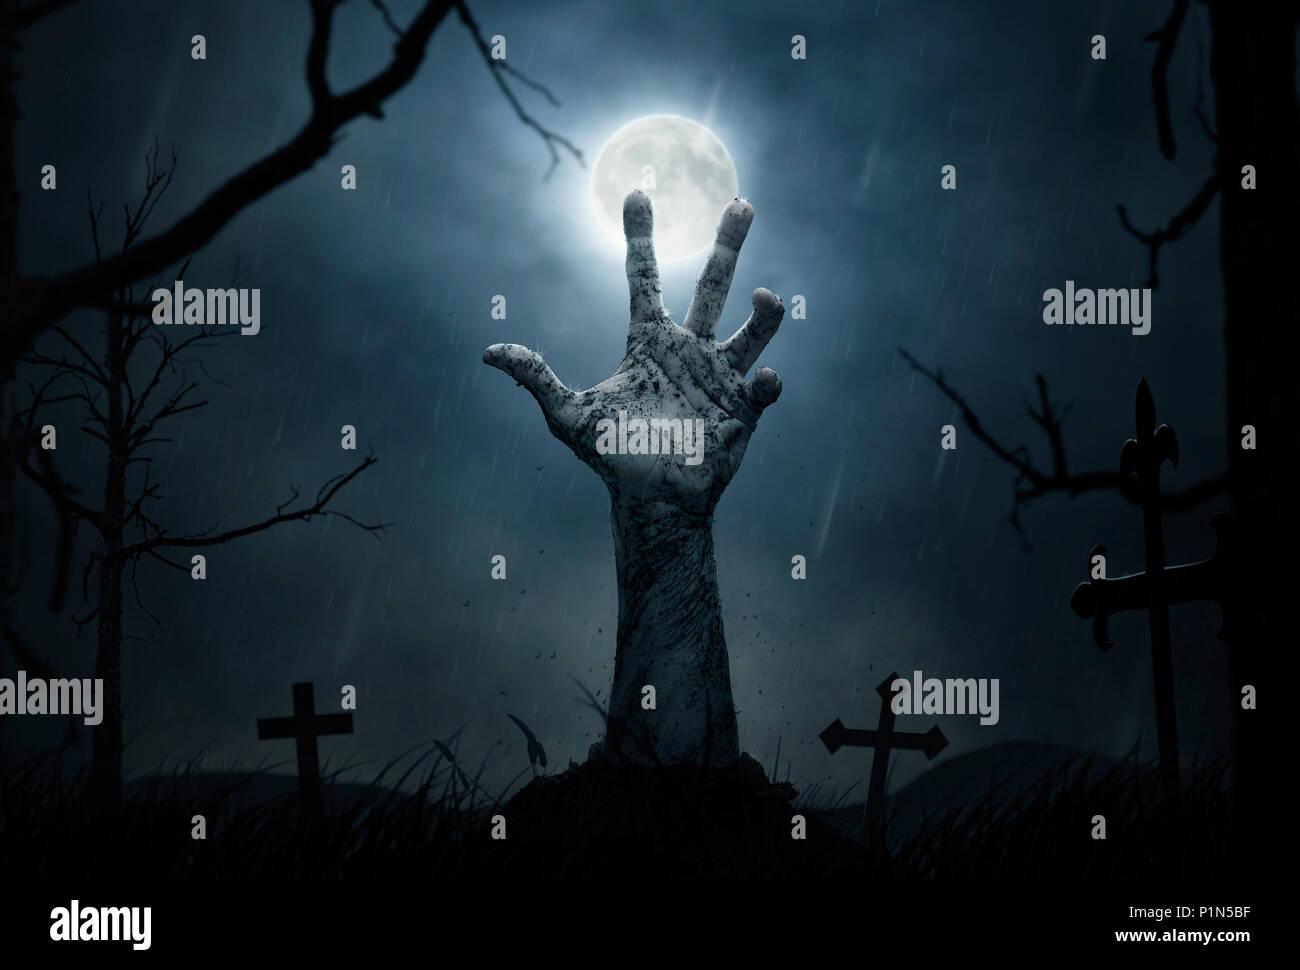 Concetto di Halloween, mano morta proveniente dal terreno Immagini Stock